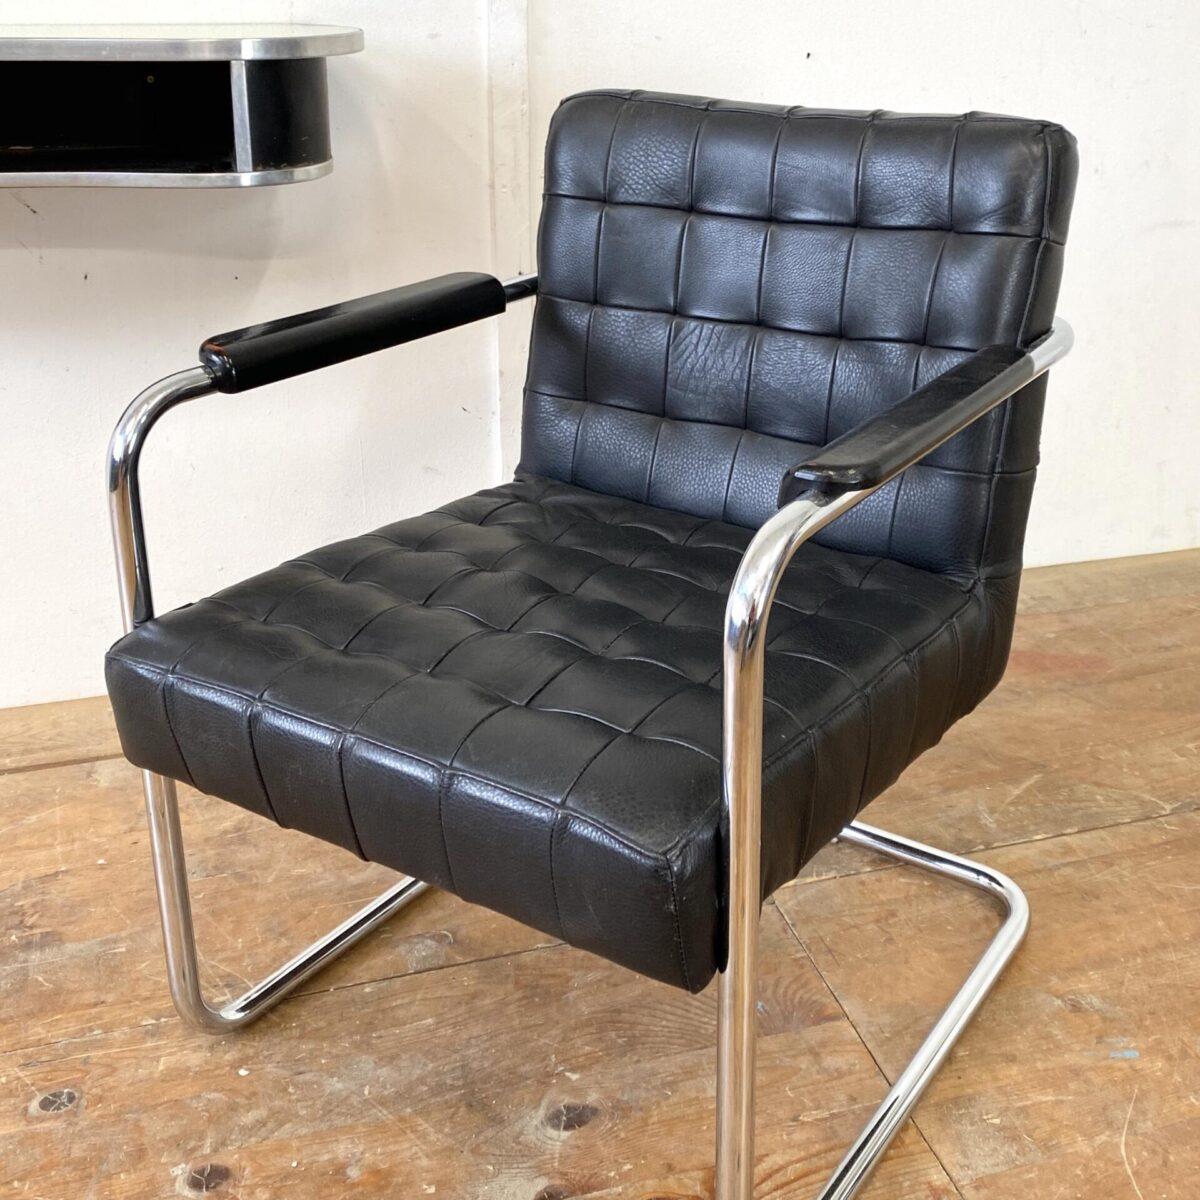 Deuxieme.shop Bauhaus Sessel, Art déco Konsole. Leder freischwinger mit verchromtem Stahlrohr Gestell 60x65cm Sitzhöhe ca. 42cm. Die Art déco Wandkonsole ist ebenfalls verfügbar. Für 180.- 91x30cm Höhe 16cm. Schwarze gerundete Form mit Aluminium Kanten. Unter der aufgelegten glasplatte befindet sich ein gelbliches Kunstleder, welches natürlich auch ausgetauscht werden kann.